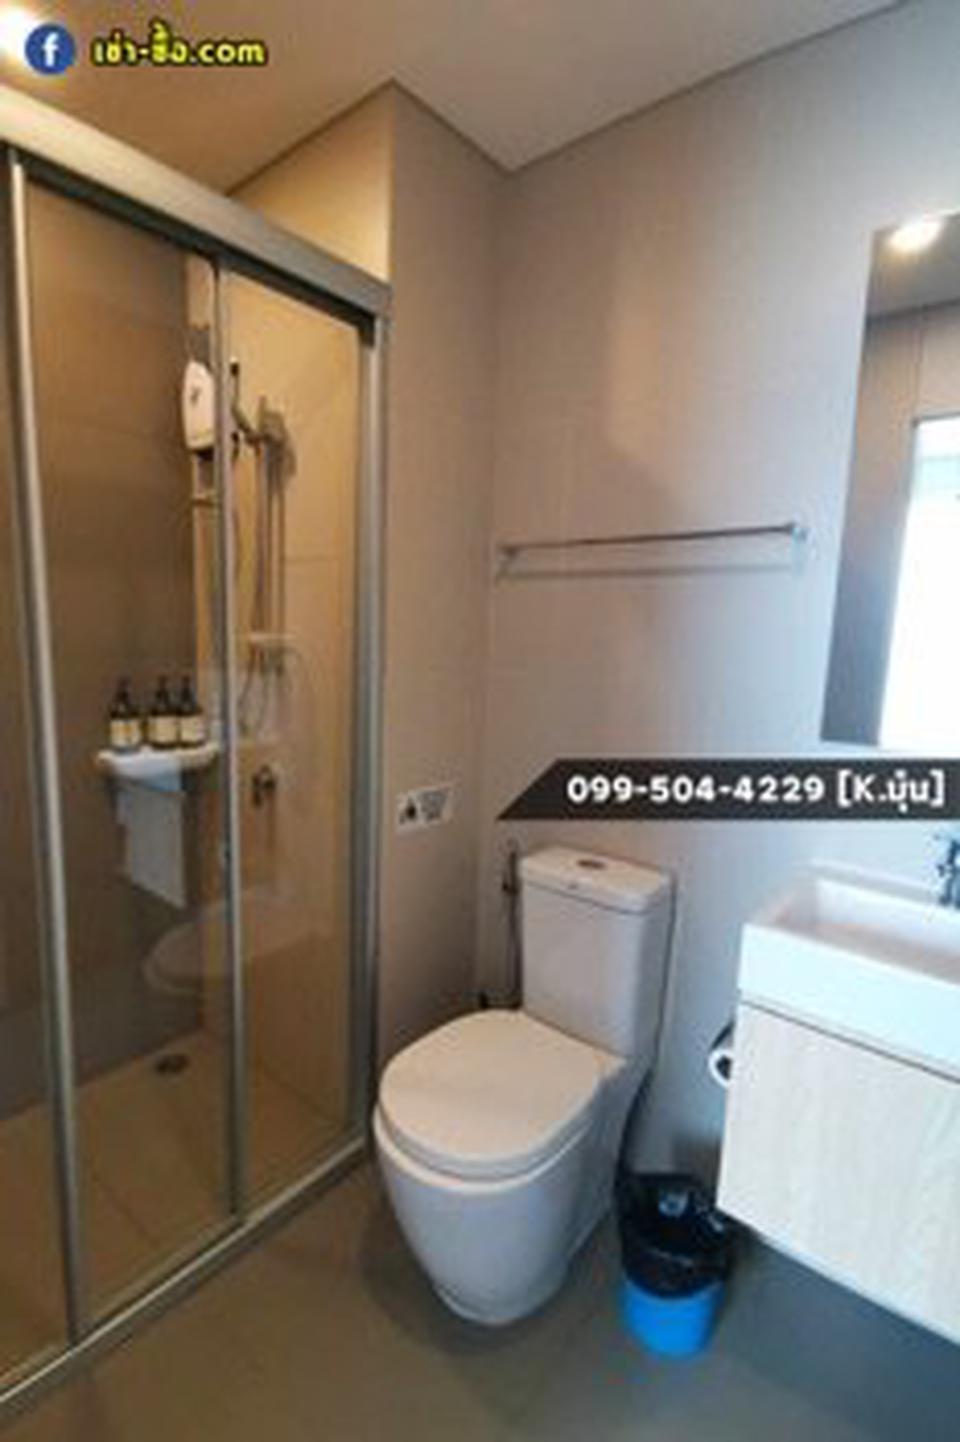 ให้เช่า คอนโด Built-In ยกห้อง Lumpini Suite เพชรบุรี-มักกะสัน 27 ตรม. เฟอร์ครบ พร้อมอยู่ รูปที่ 5